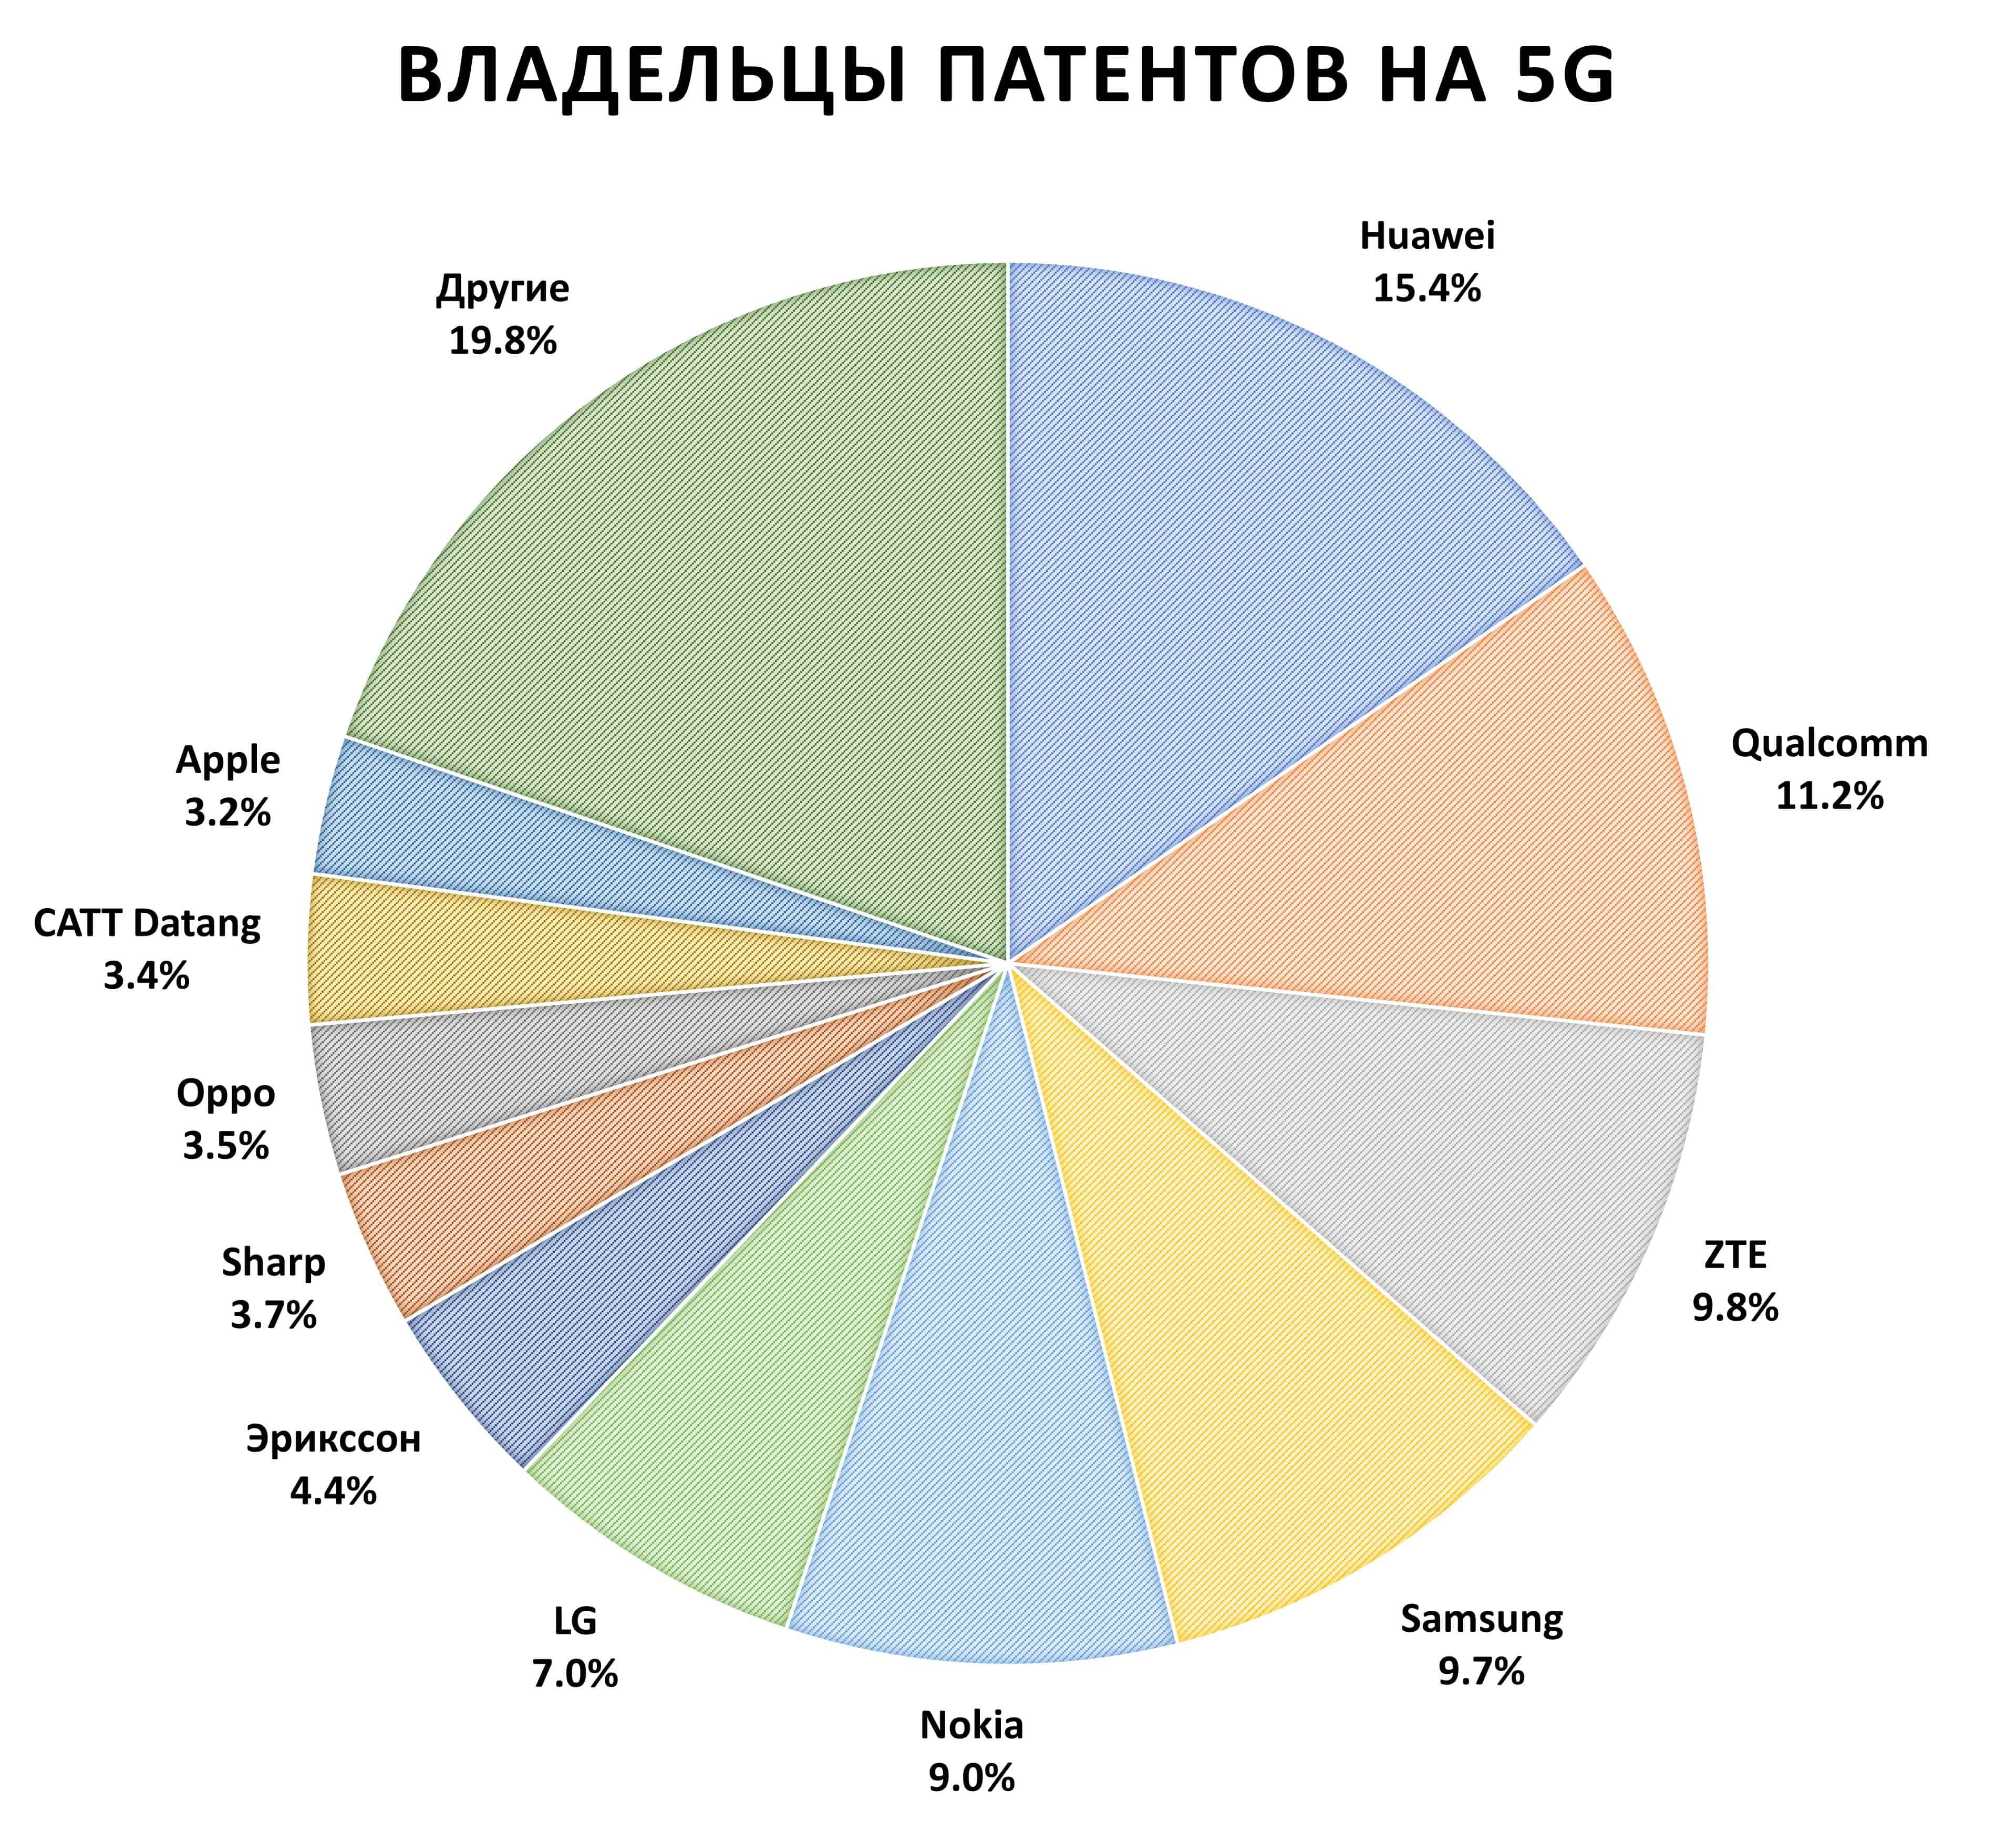 Владельцы патентов на 5G. Huawei 15%, Qualcomm 11%, ZTE 10%, Samsung 10%, Nokia 9%, LG 7%, остальные 4%.